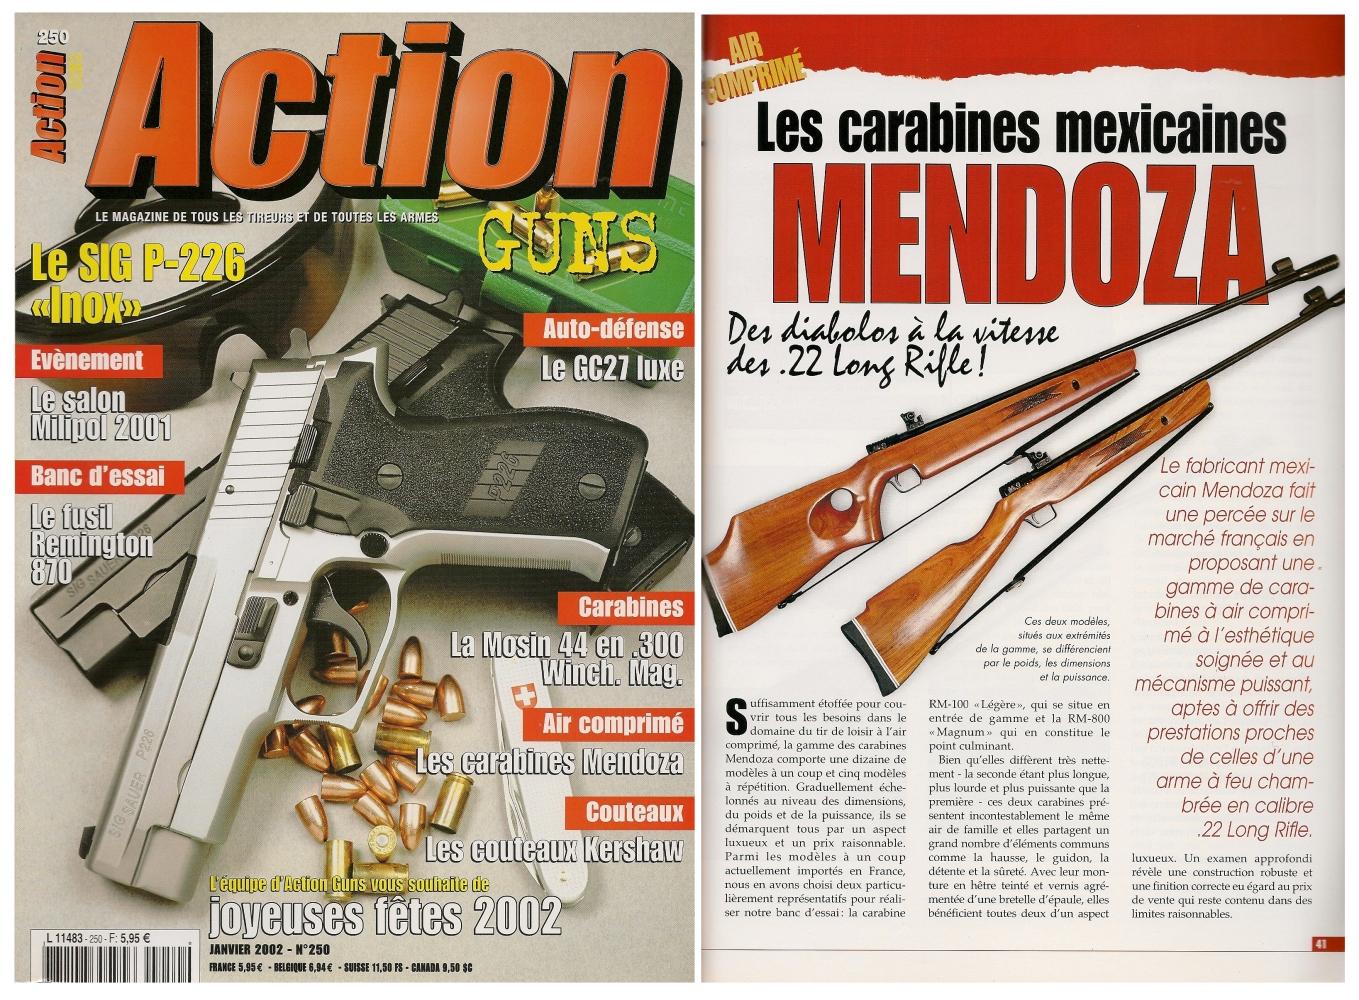 Le banc d'essai des carabines mexicaines à air comprimé Mendoza a été publié sur 5 pages dans le magazine Action Guns n°250 (janvier 2002).